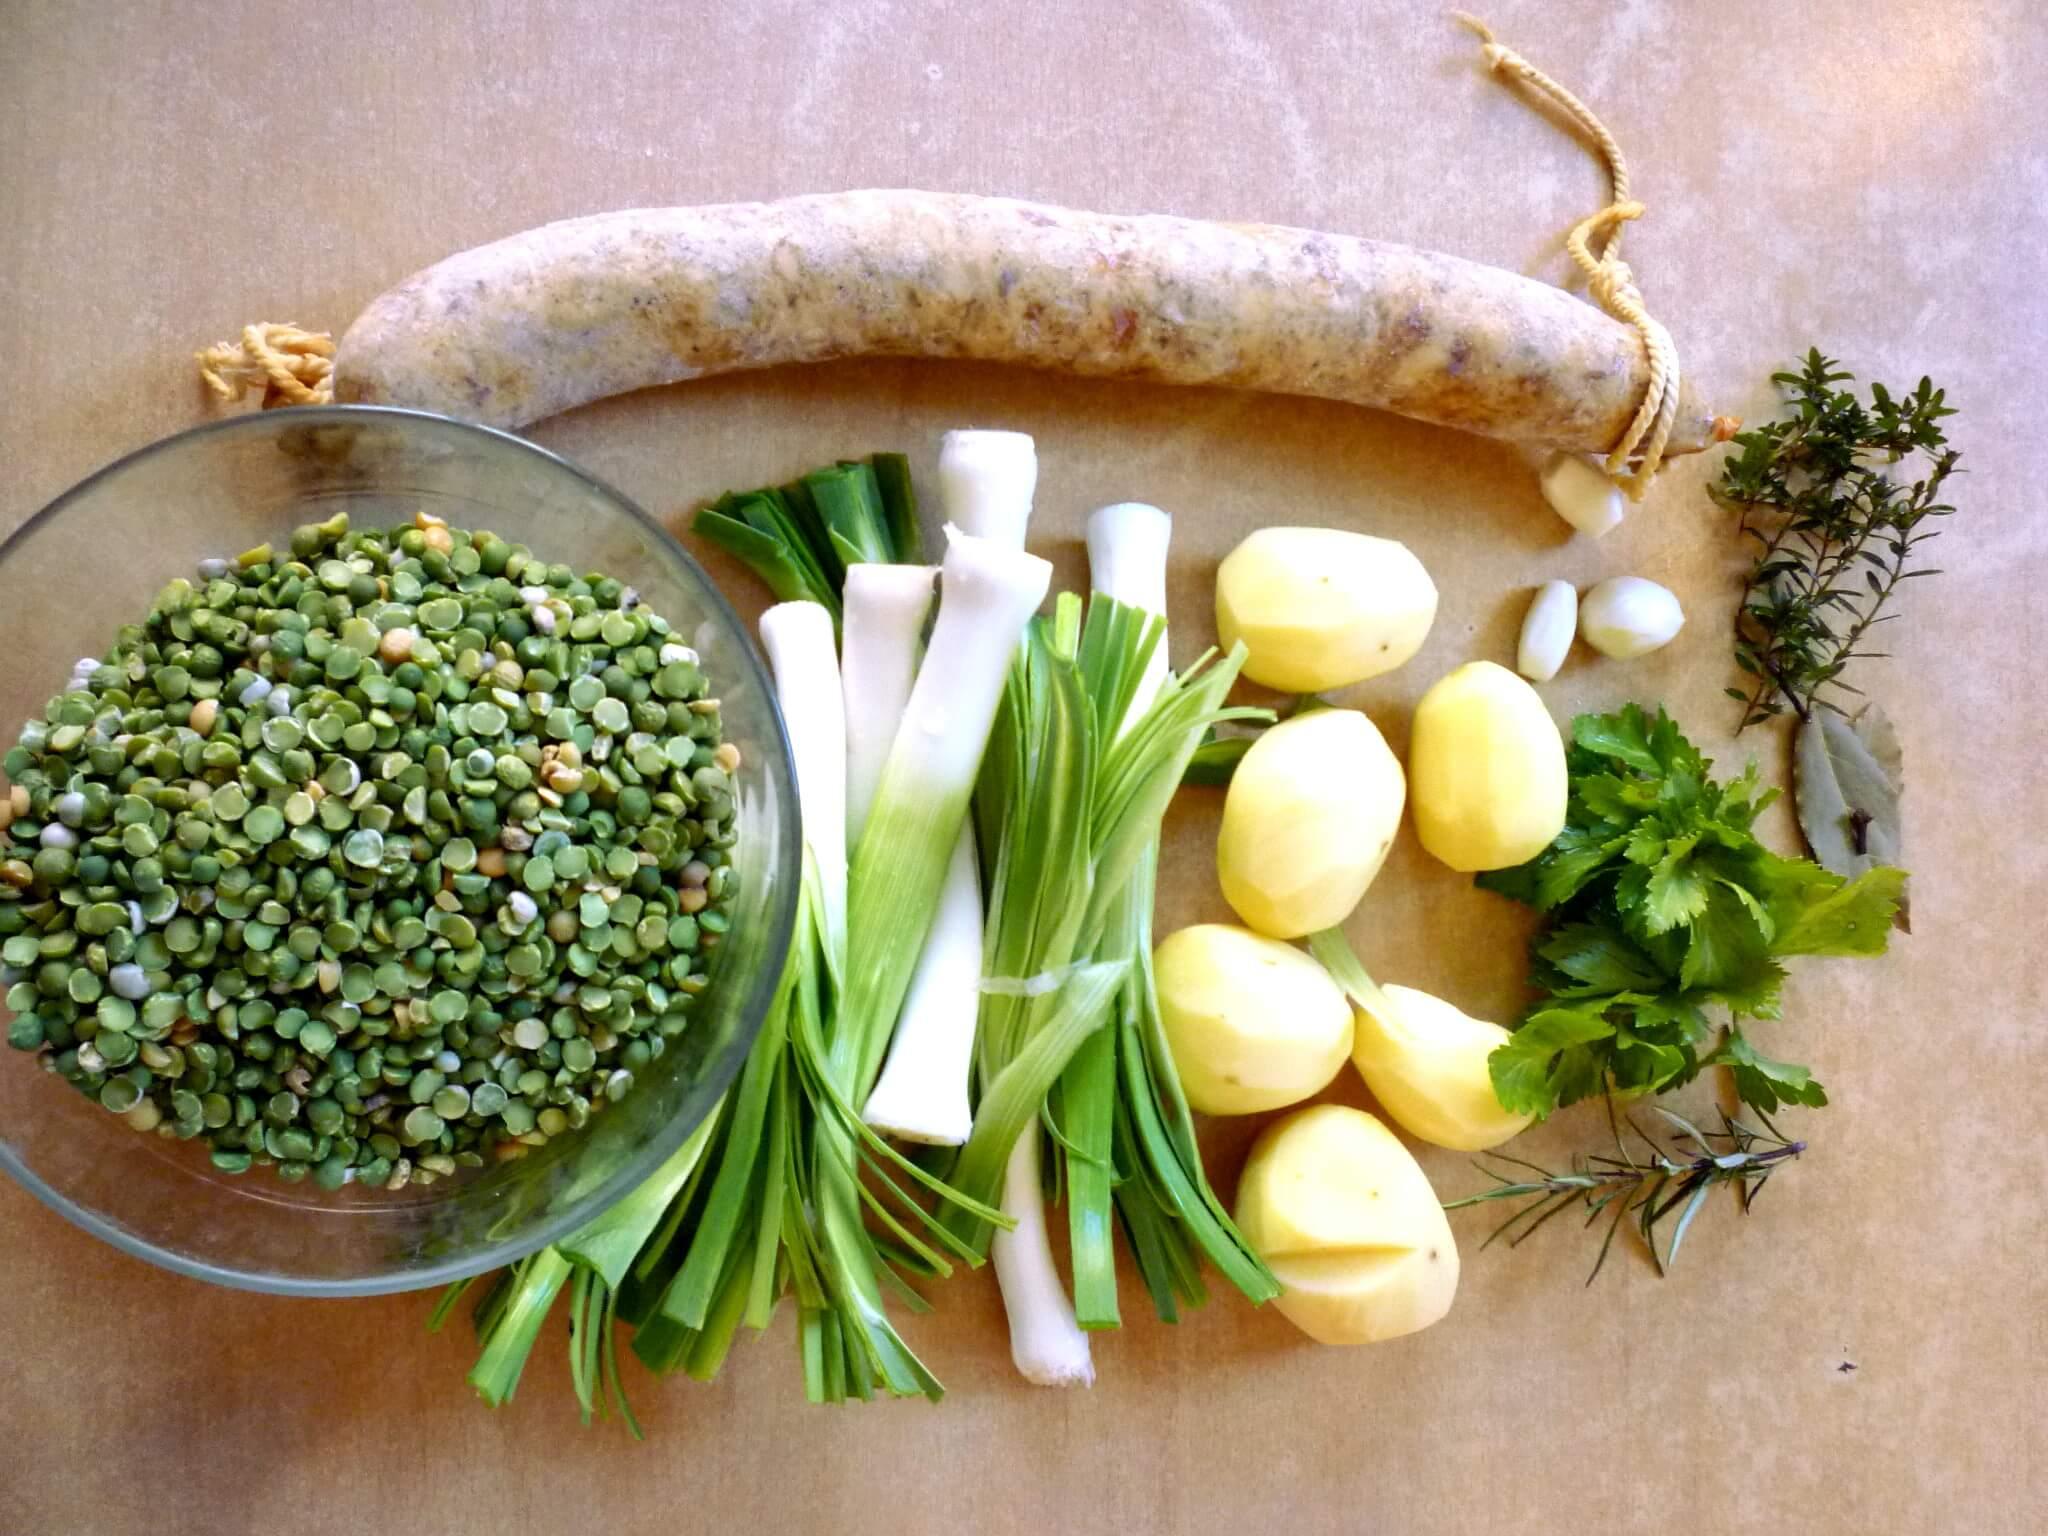 potage-st-germain-pois-casses (1)